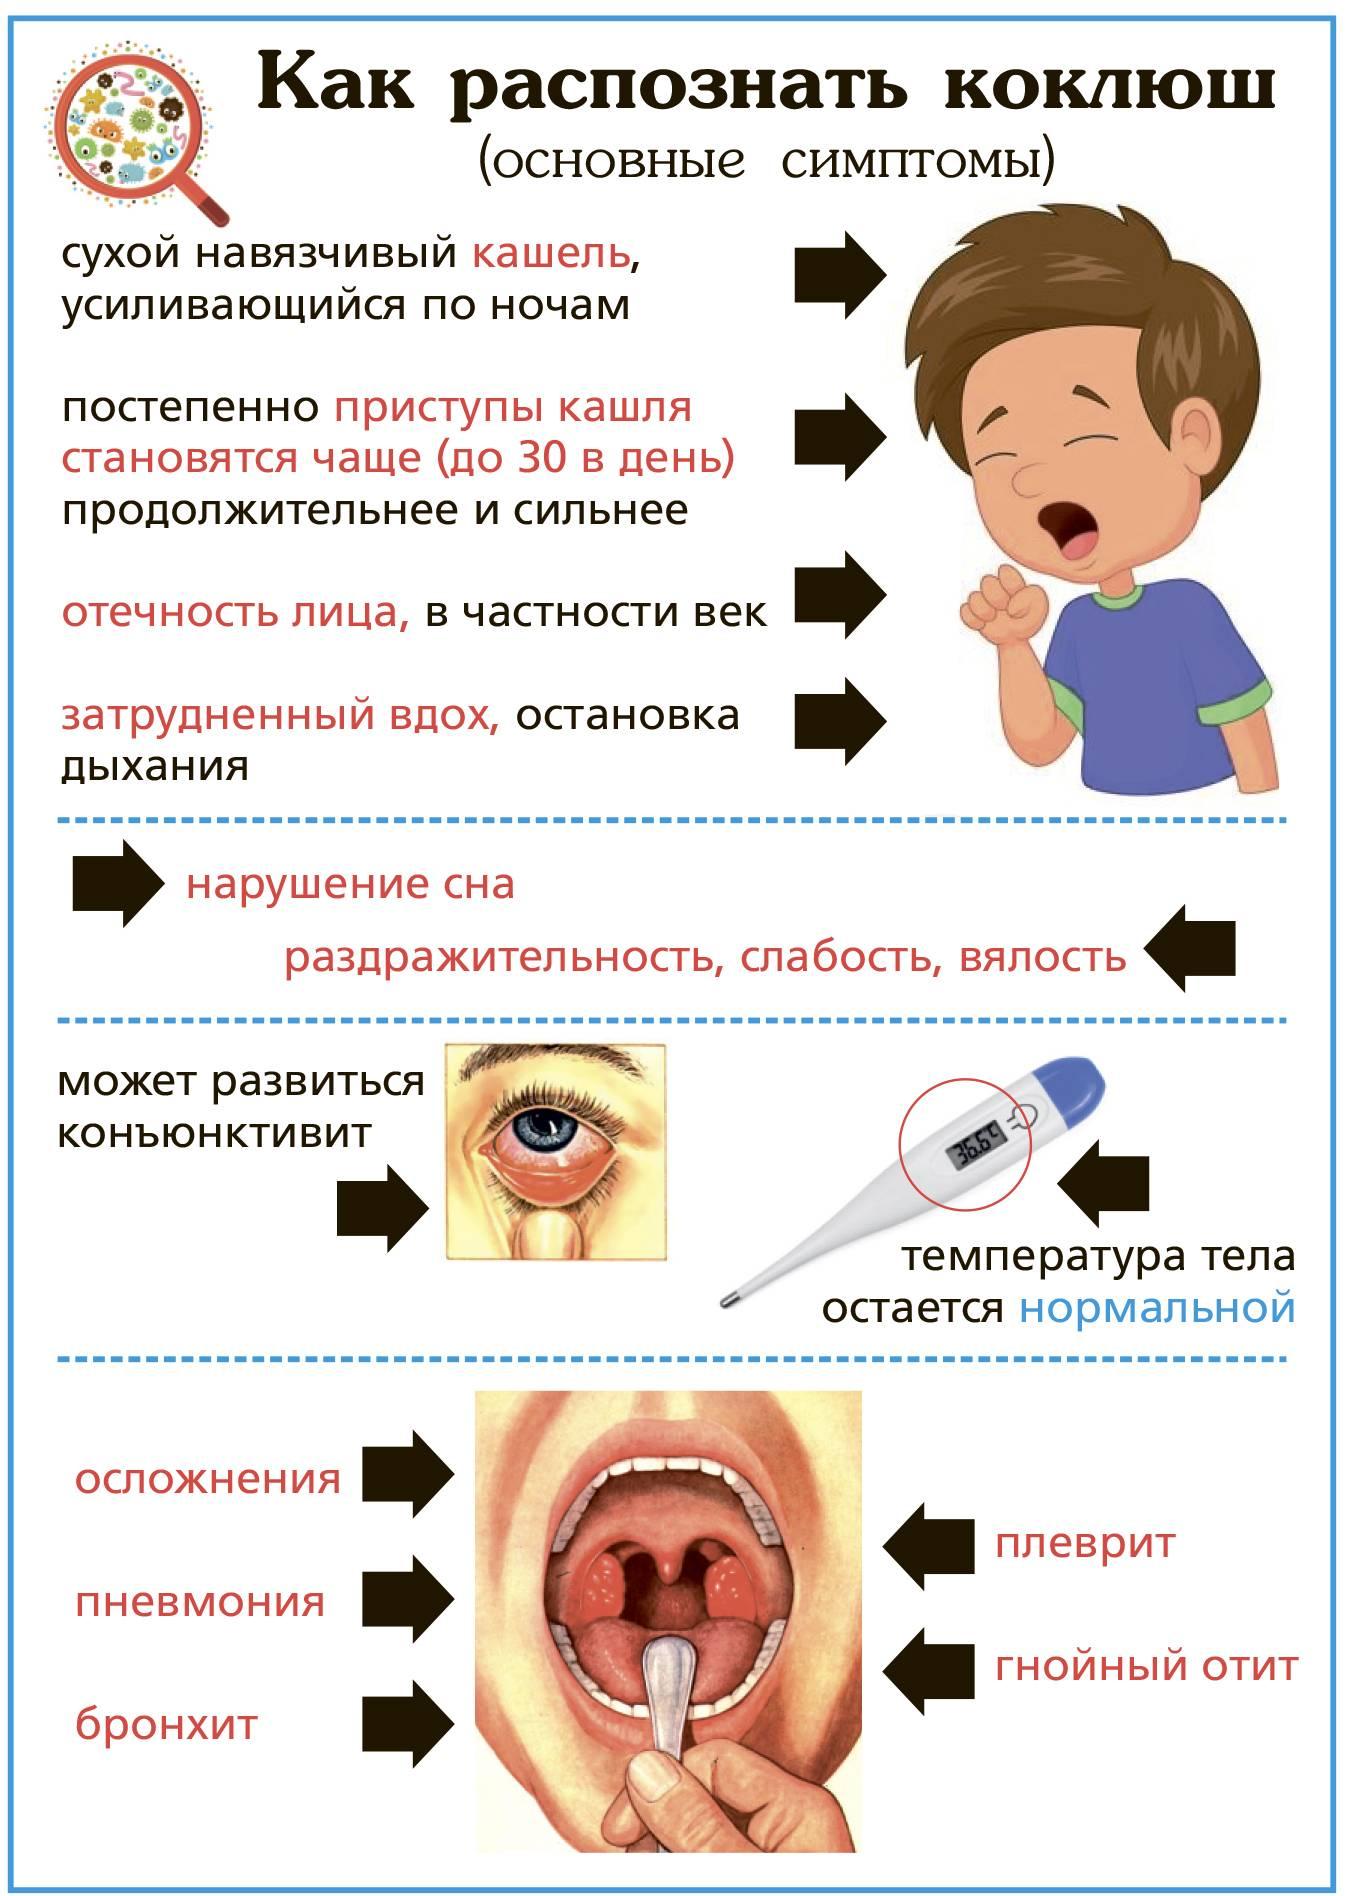 Коклюш: почему врачи не любят его диагностировать и почему болеют после прививок? - детское здоровье и уход